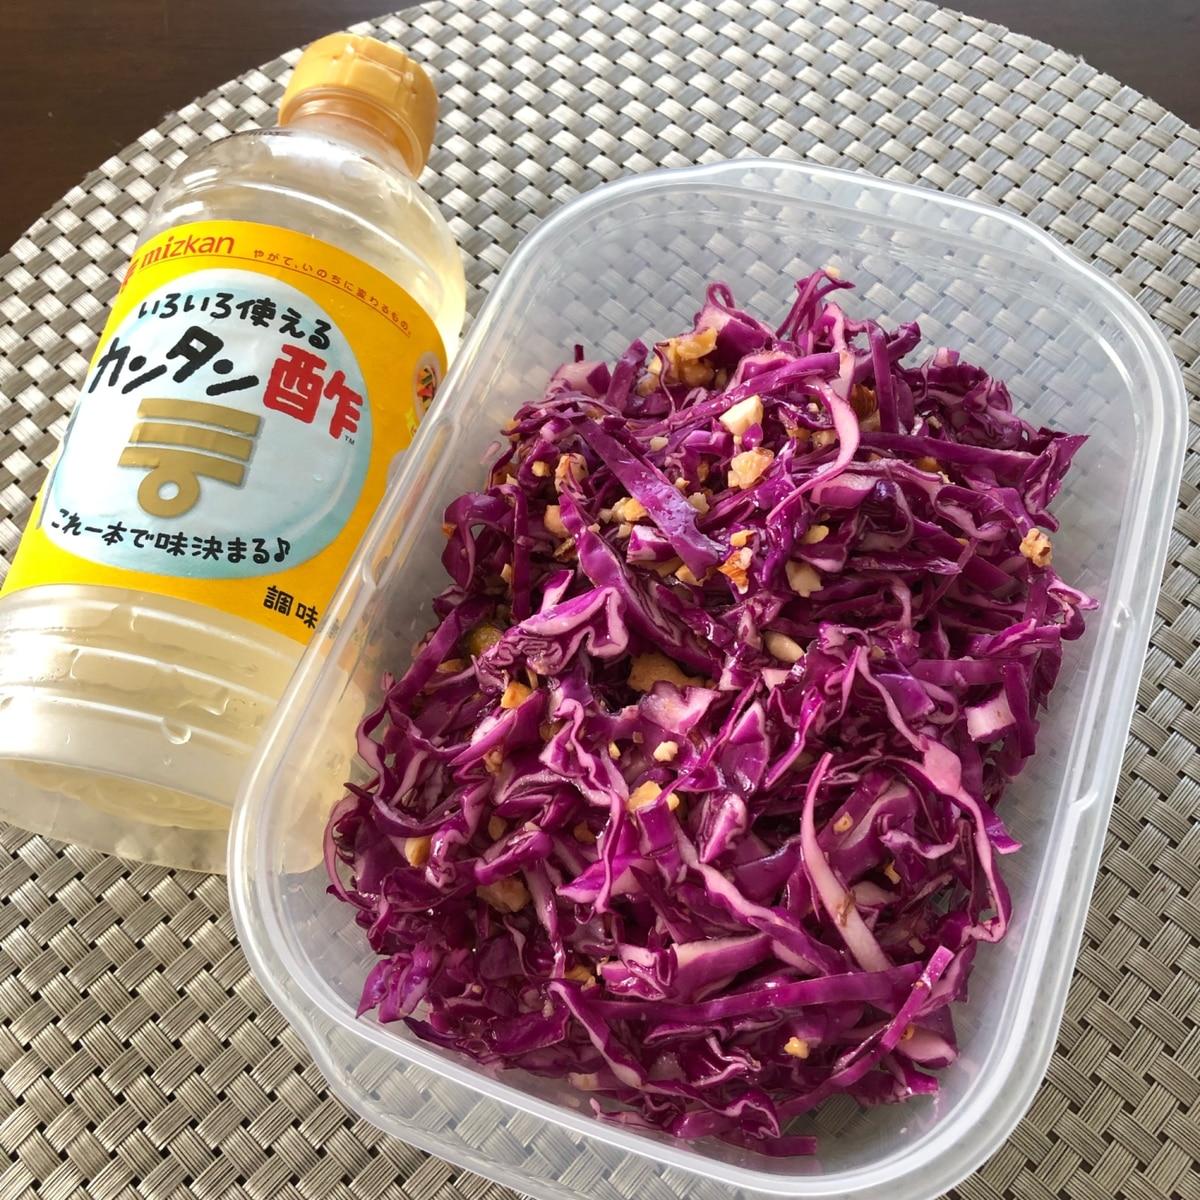 キャベツ レシピ 紫